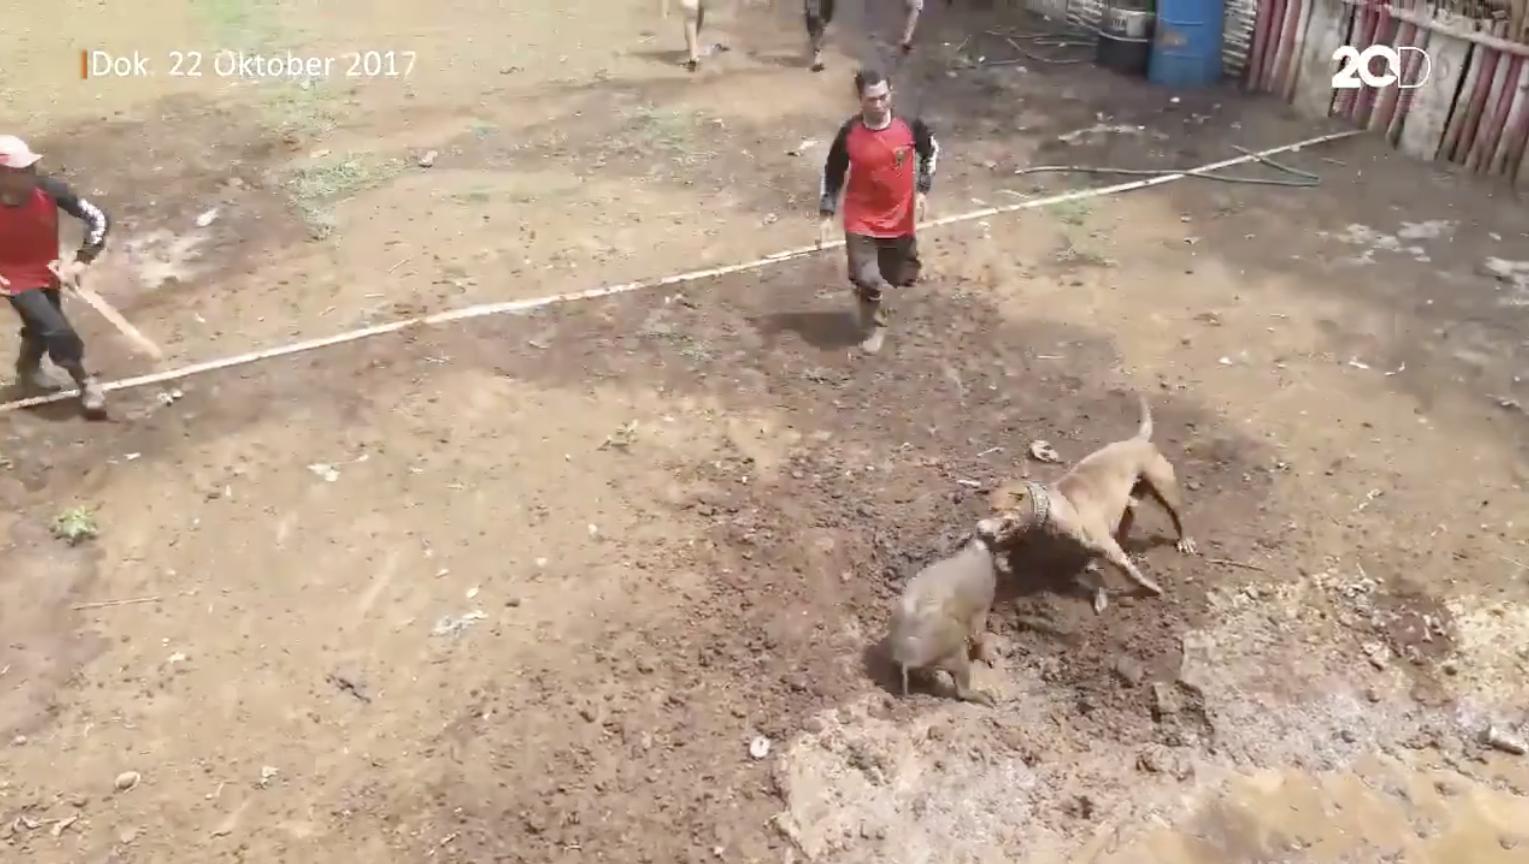 Pitbull vs sanglier : le spectacle indonésien qui choque les défenseurs des animaux (IMAGES)